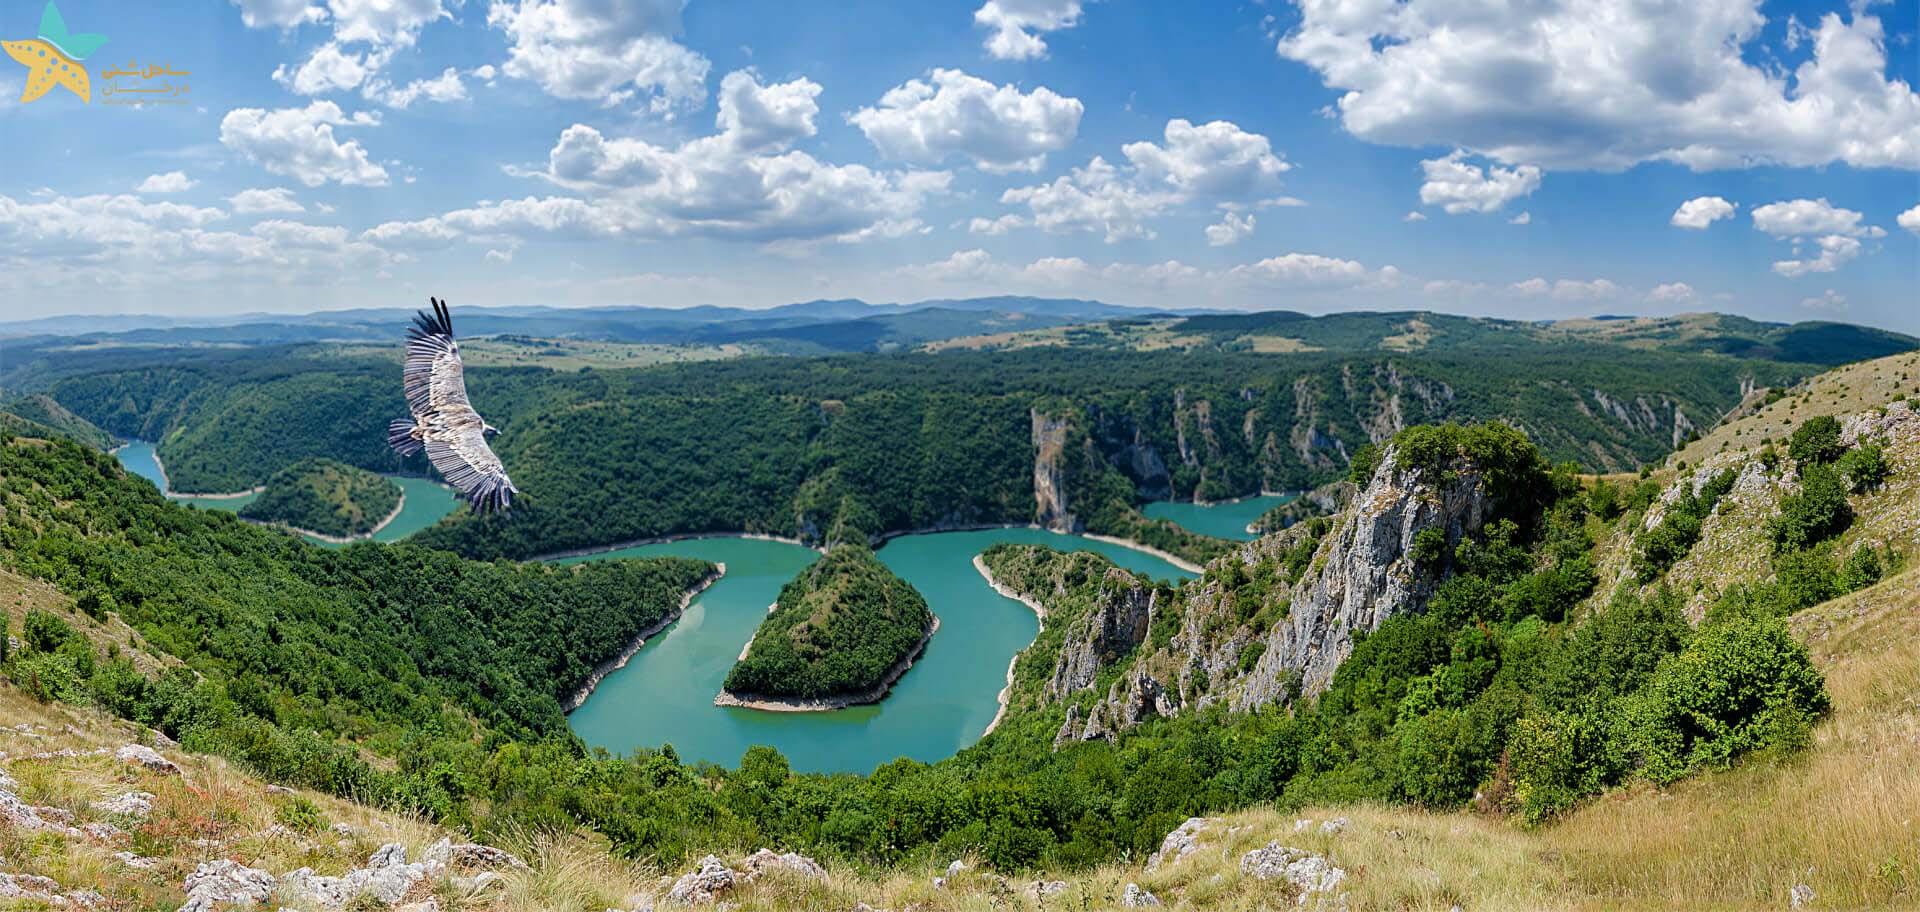 رود پیج اوواچ - جاذبه های گردشگری صربستان